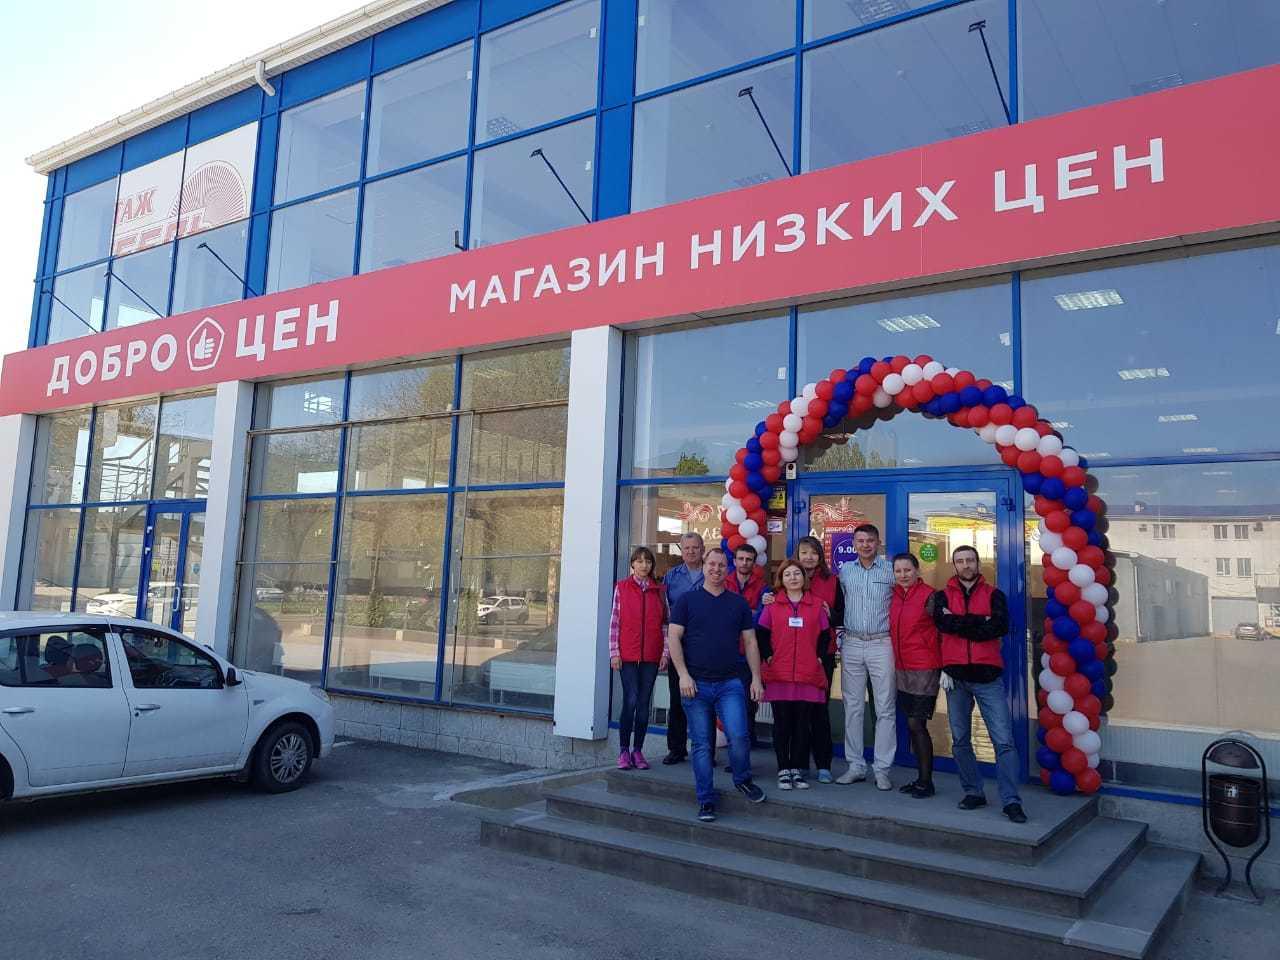 Доброцен Адреса Магазинов